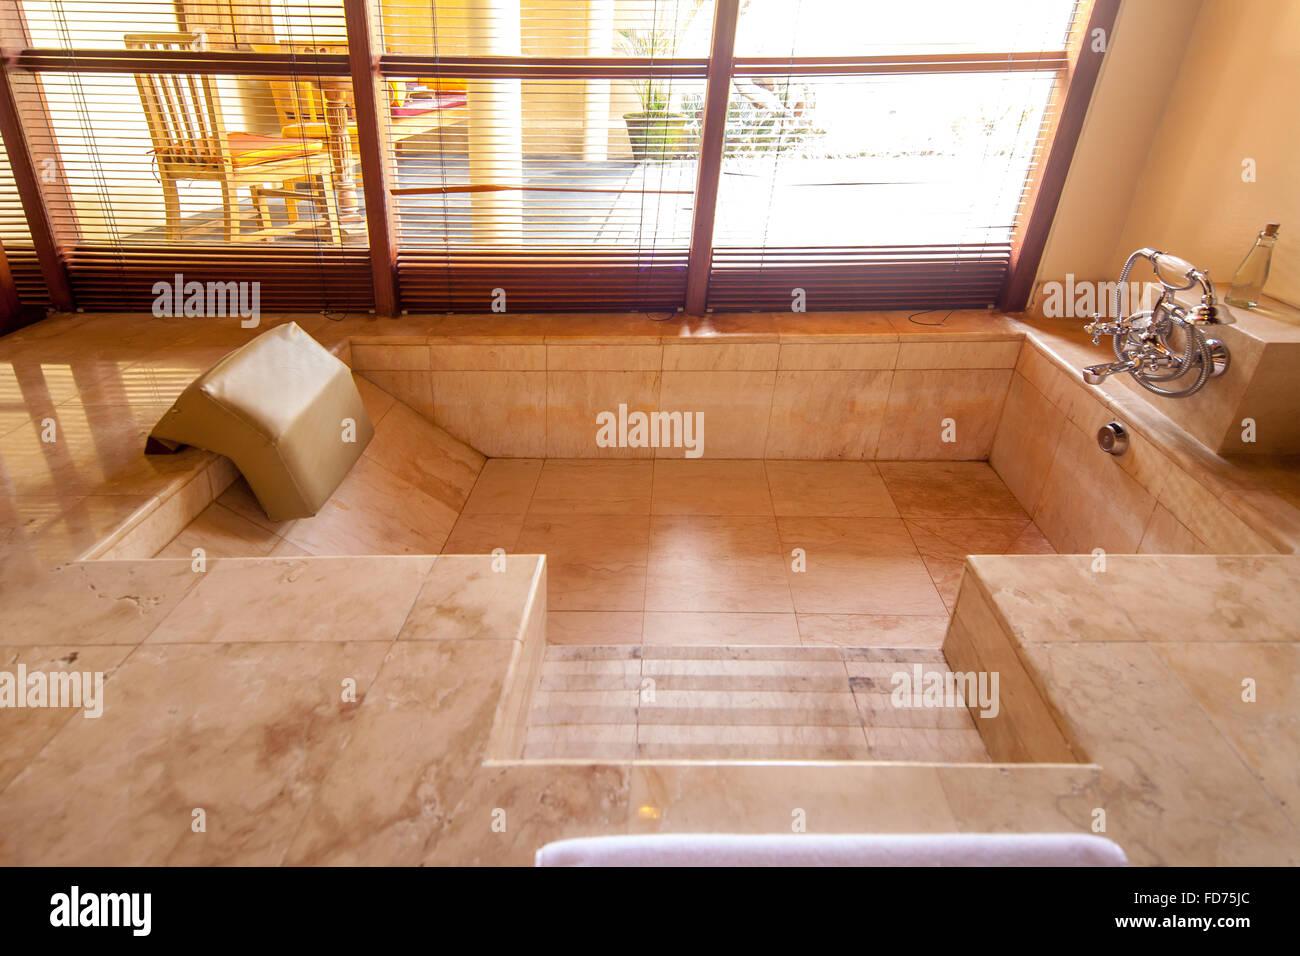 baignoire encastrée, marbre, baignoire, salle de bains dans un bon